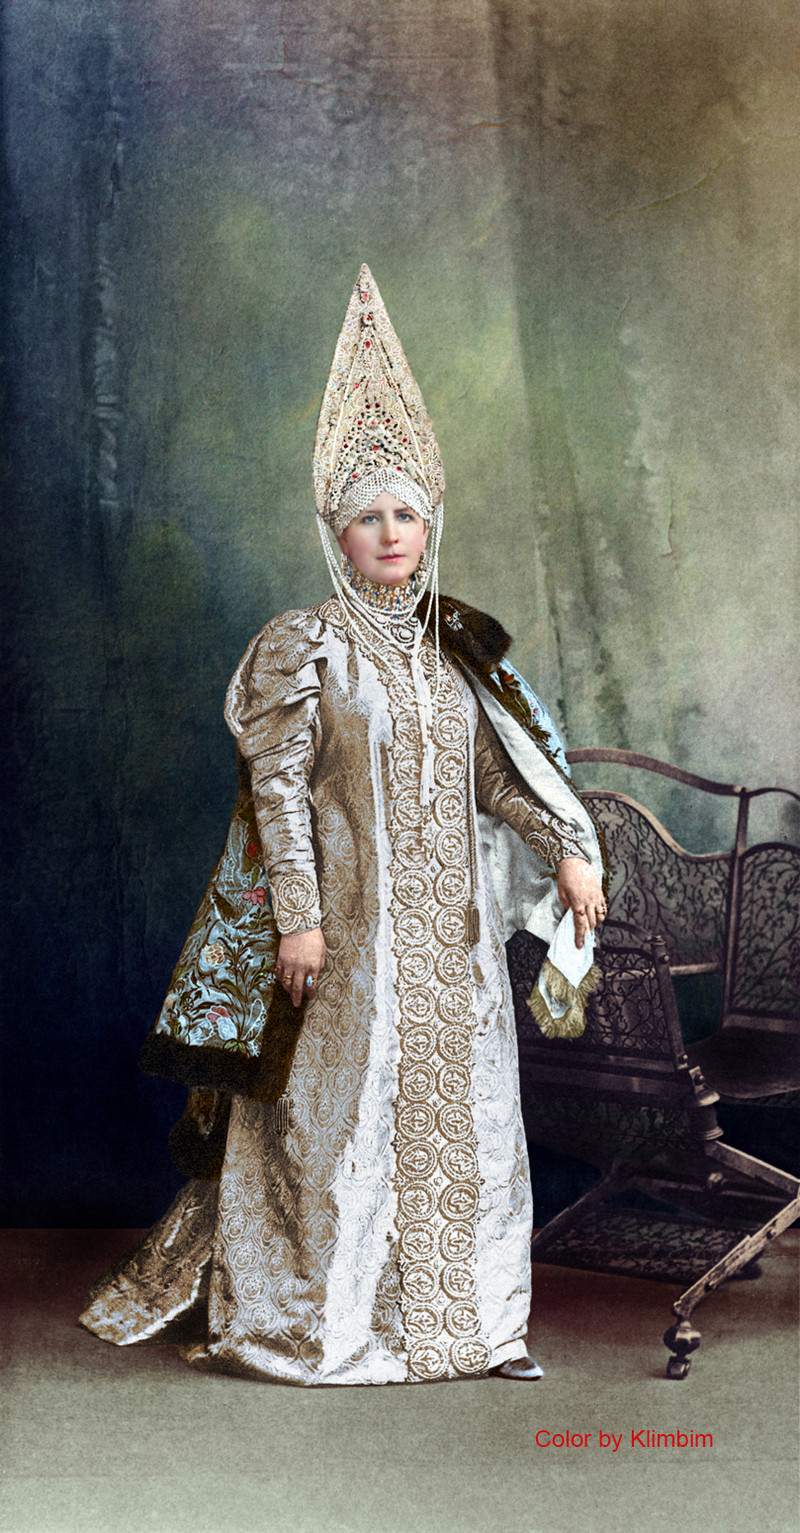 Великолепие костюмированного бала Романовых в раскрашенных фотографиях 1903 года 15